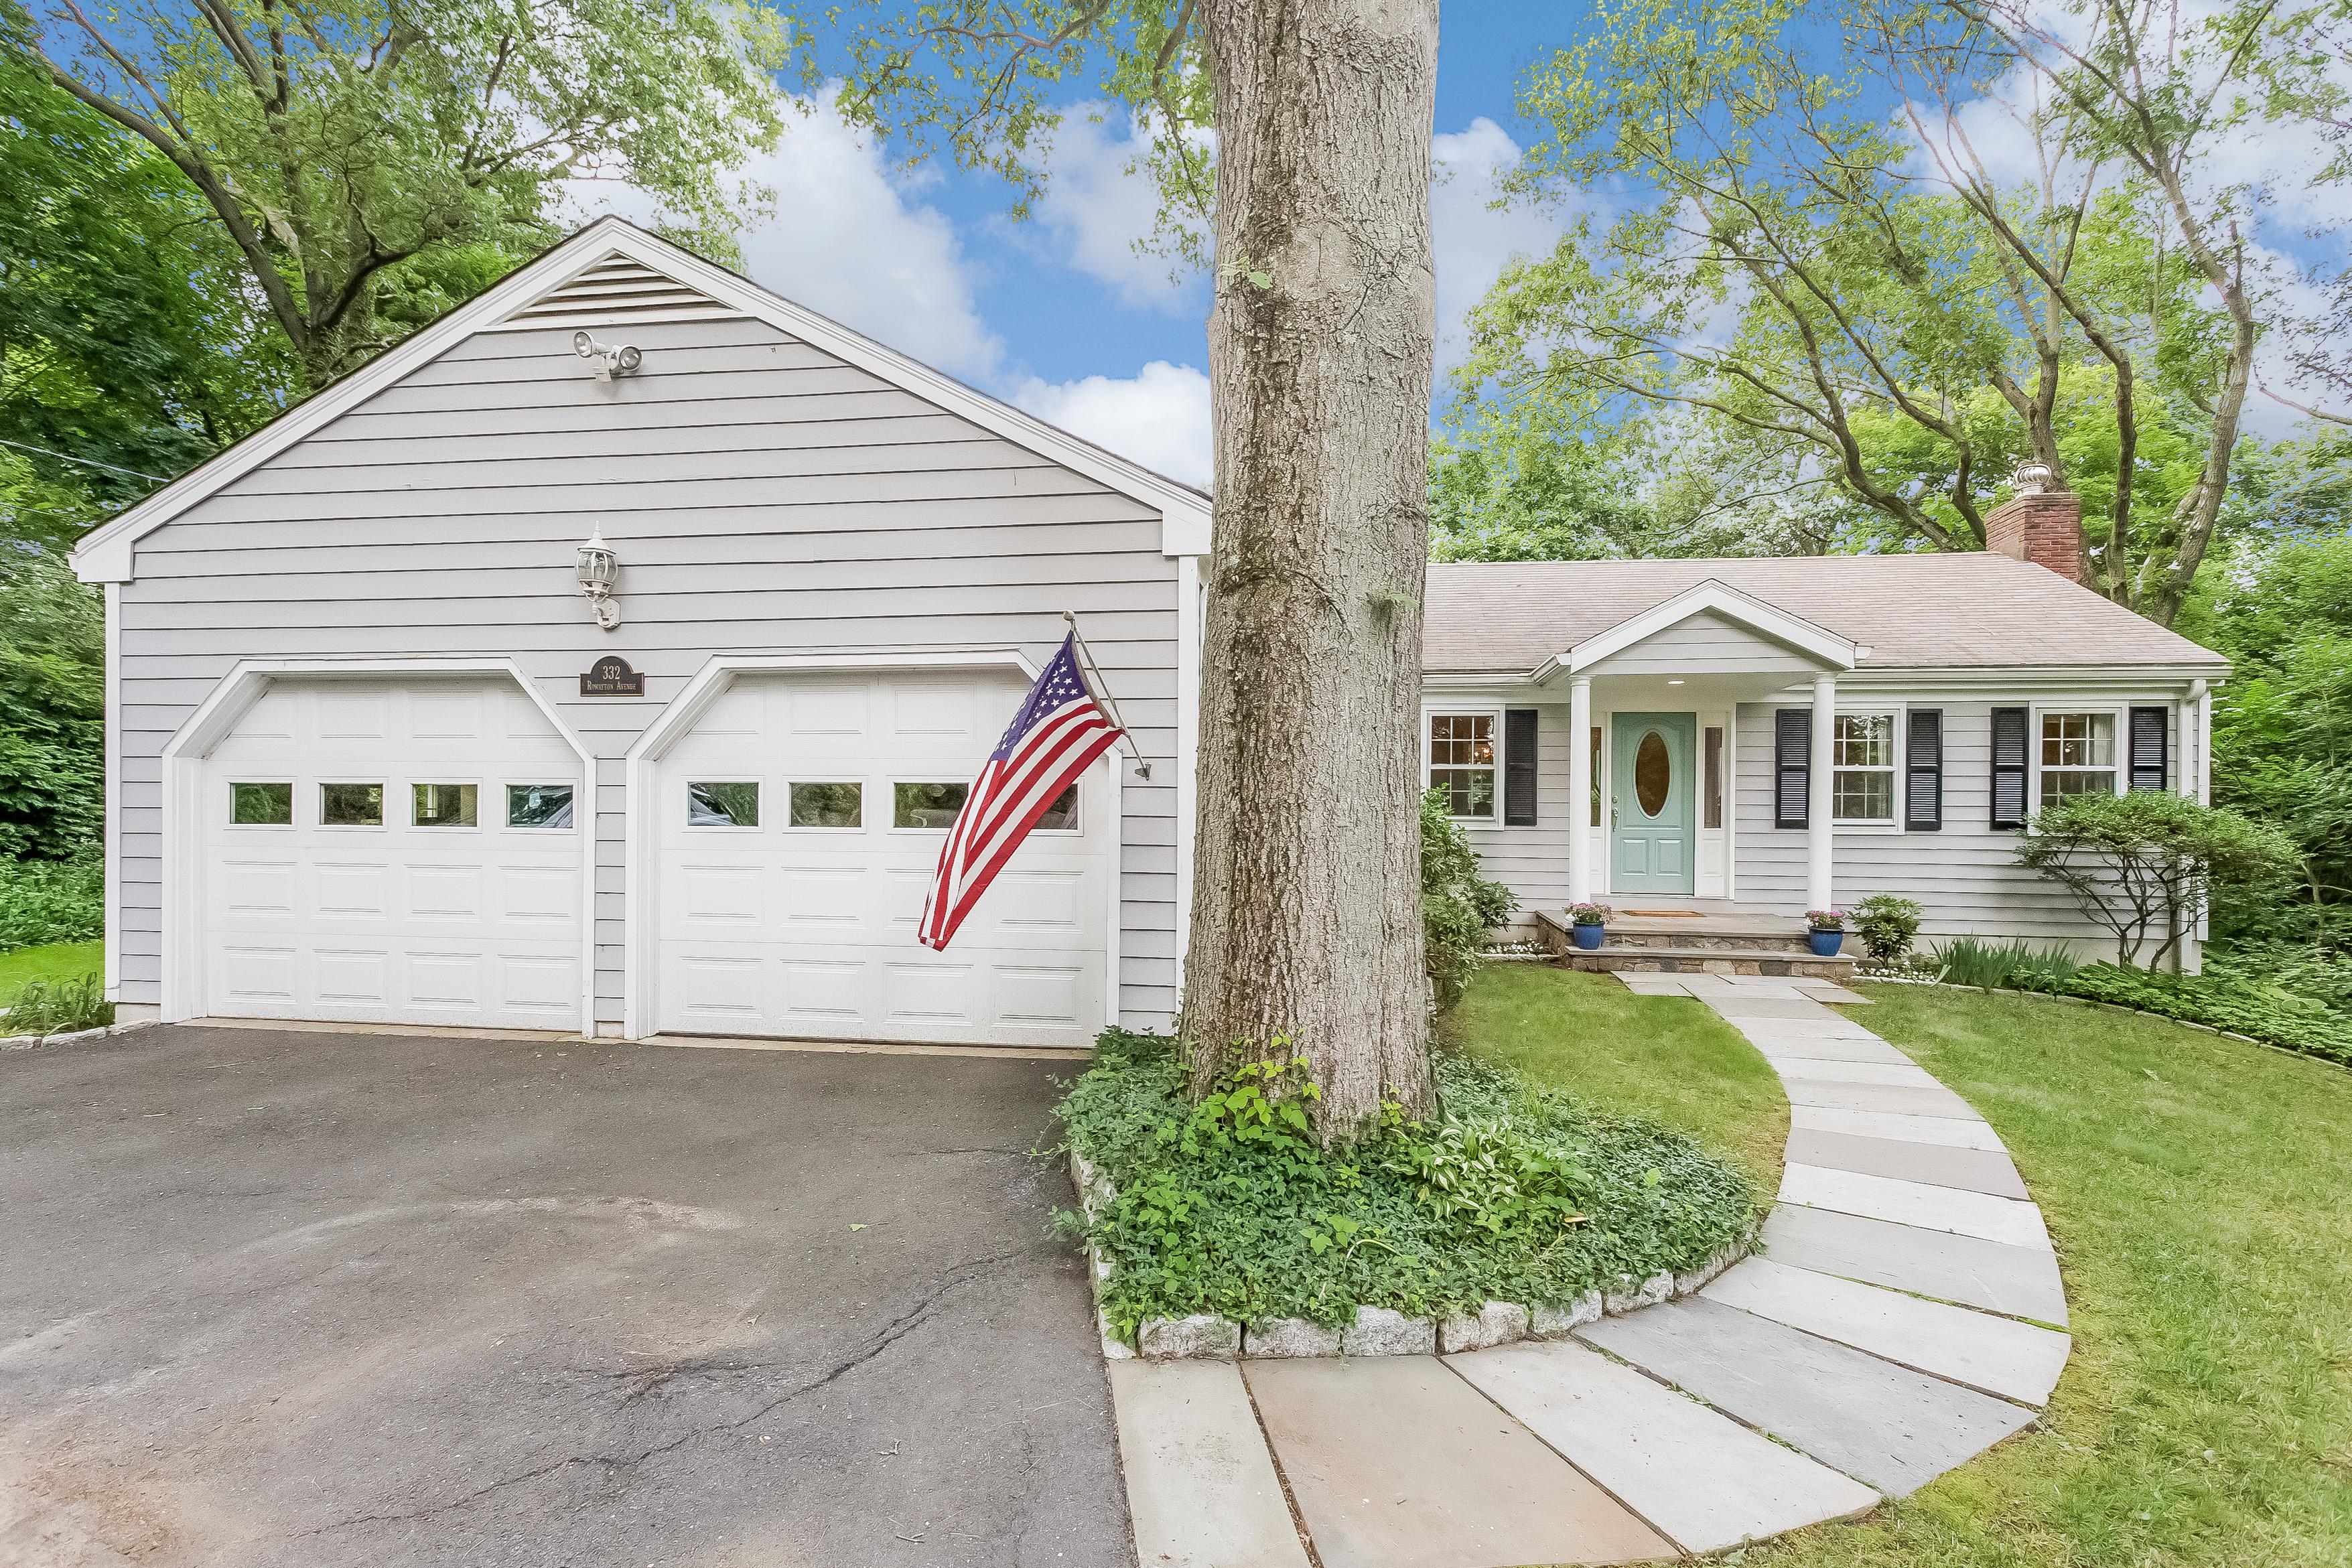 独户住宅 为 销售 在 332 Rowayton Avenue Rowayton, Norwalk, 康涅狄格州 06853 美国